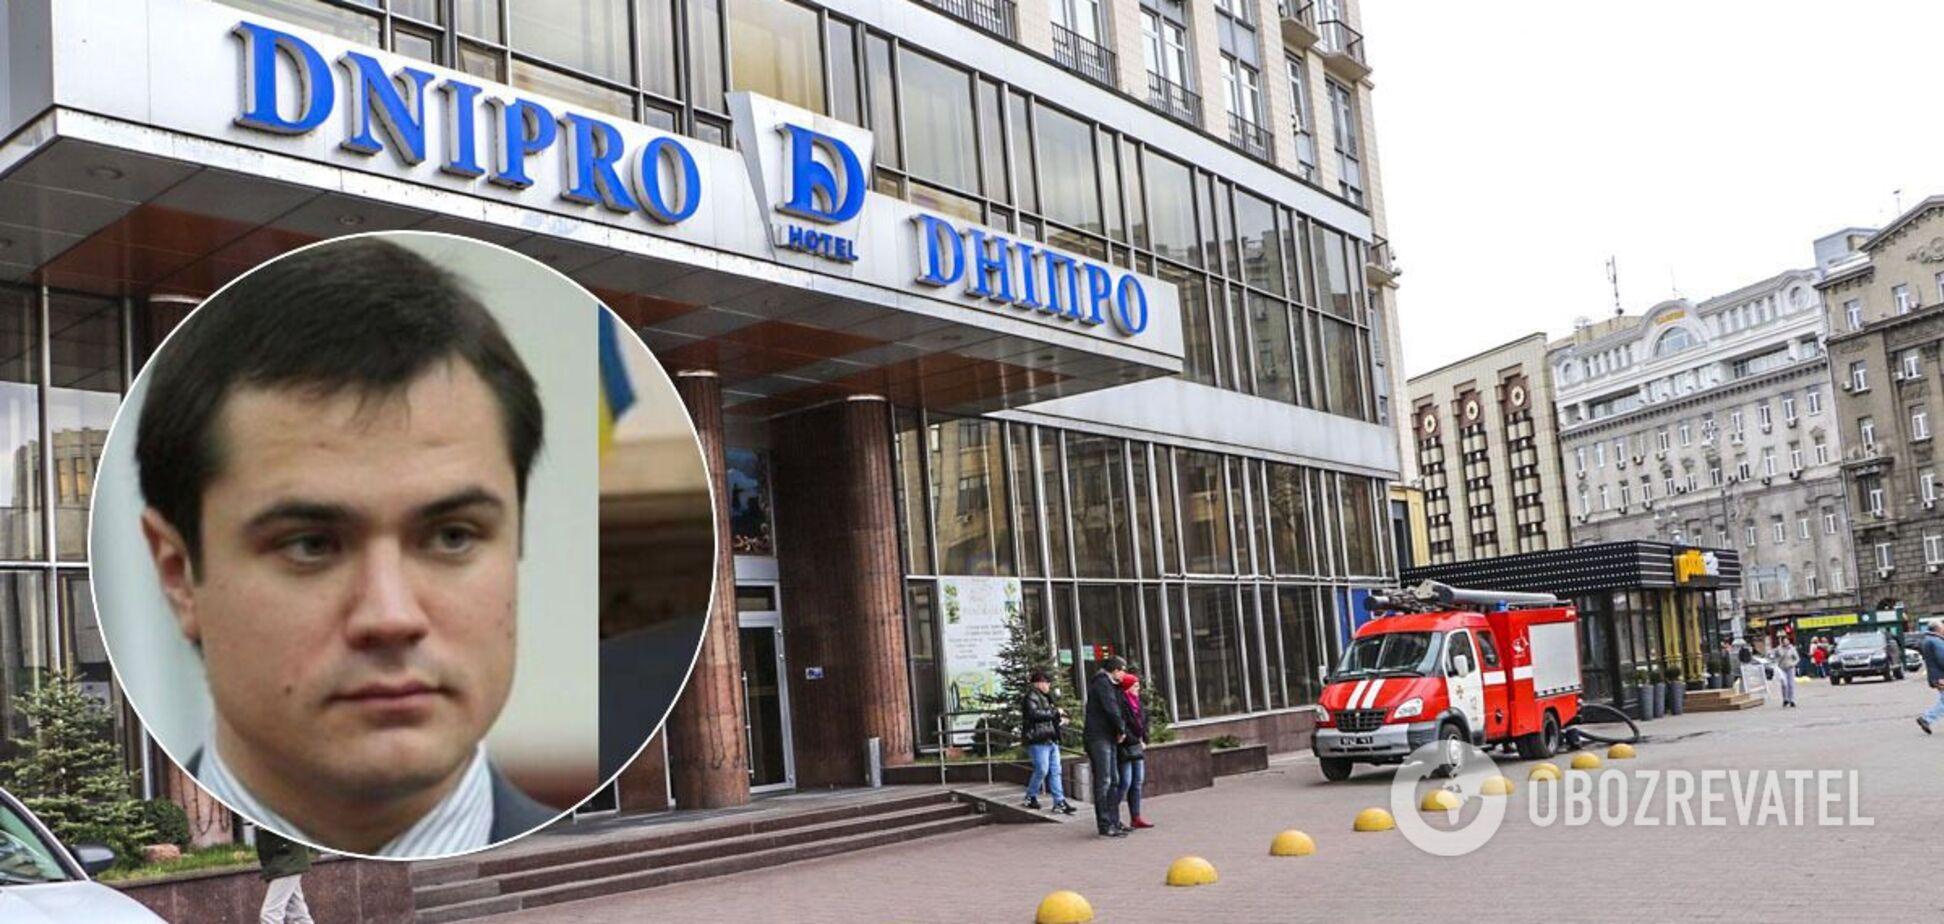 'Смотрящему' за Киевом Комарницкому отписали долю в отеле 'Днепр' – СМИ